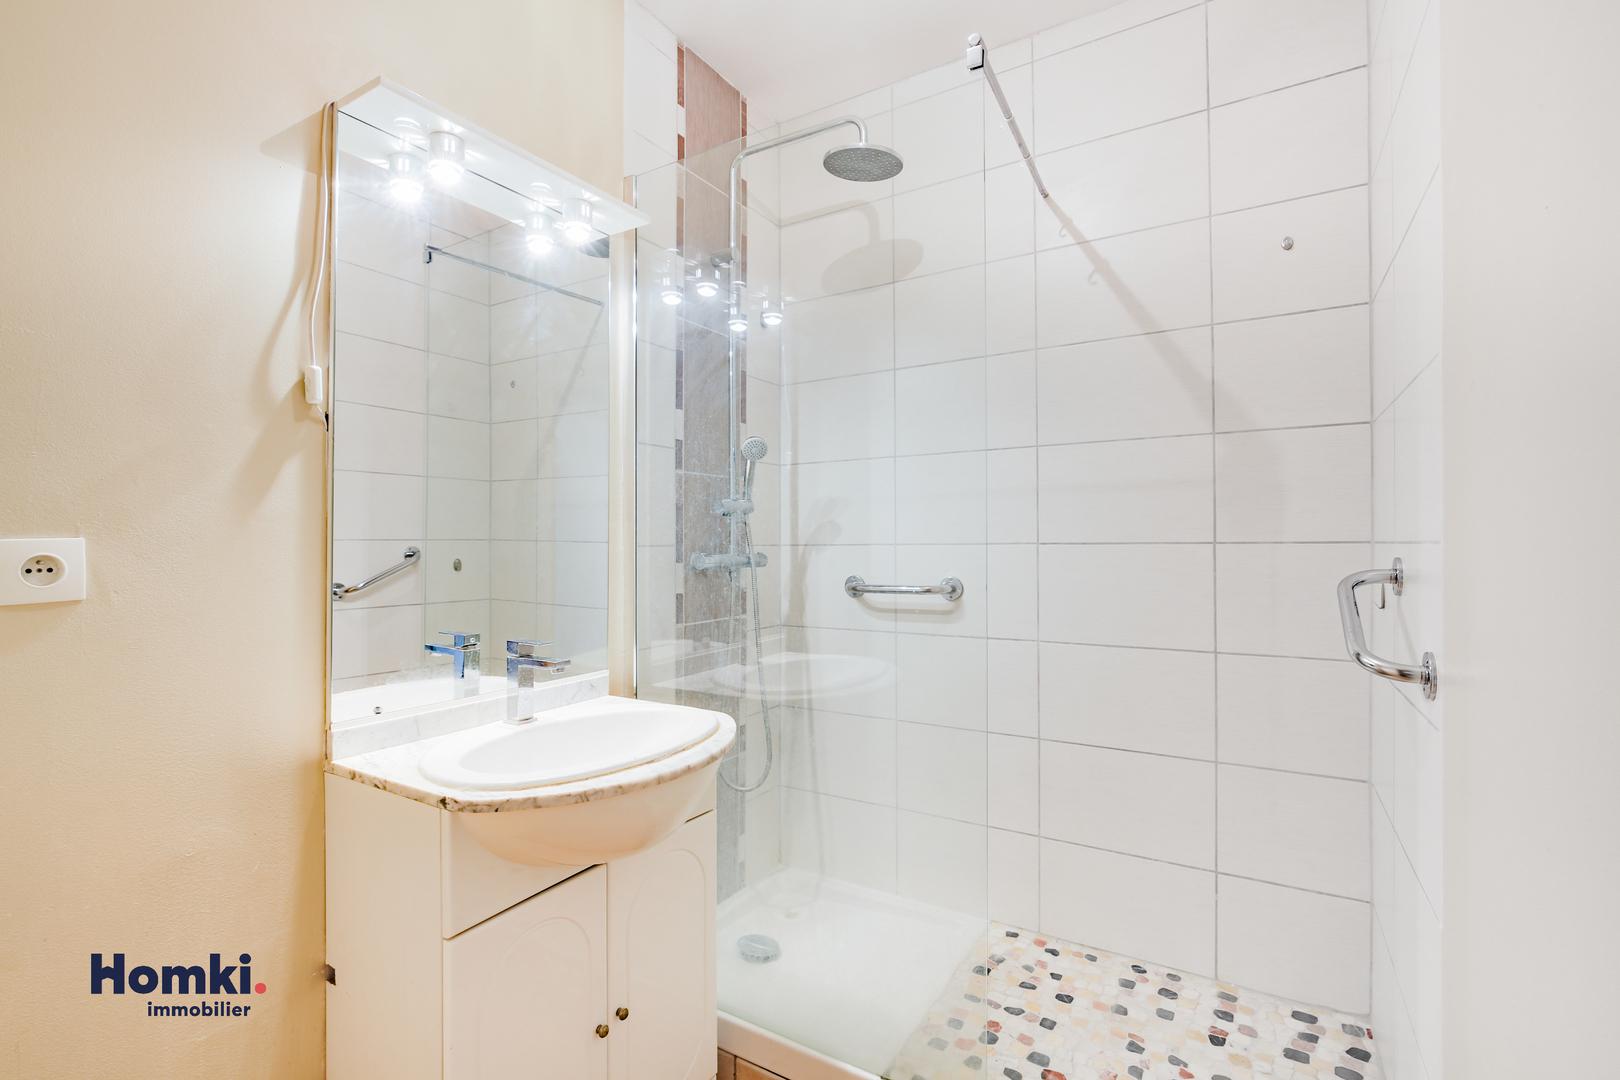 Vente appartement 75m² T4 69800_ 12